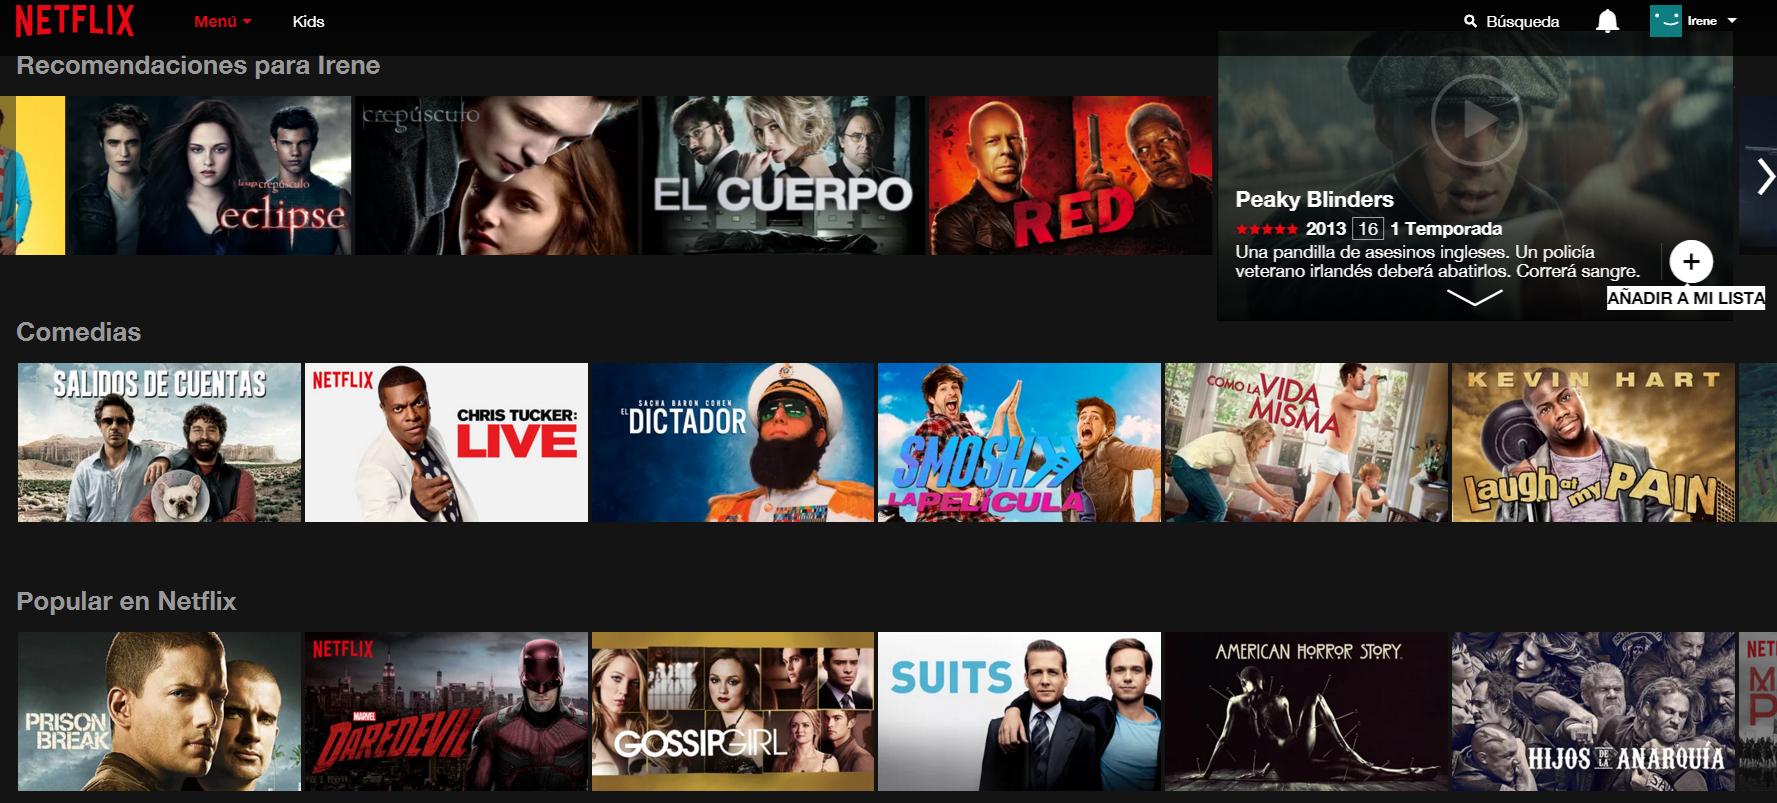 Netflix-añadir-lista-pendientes